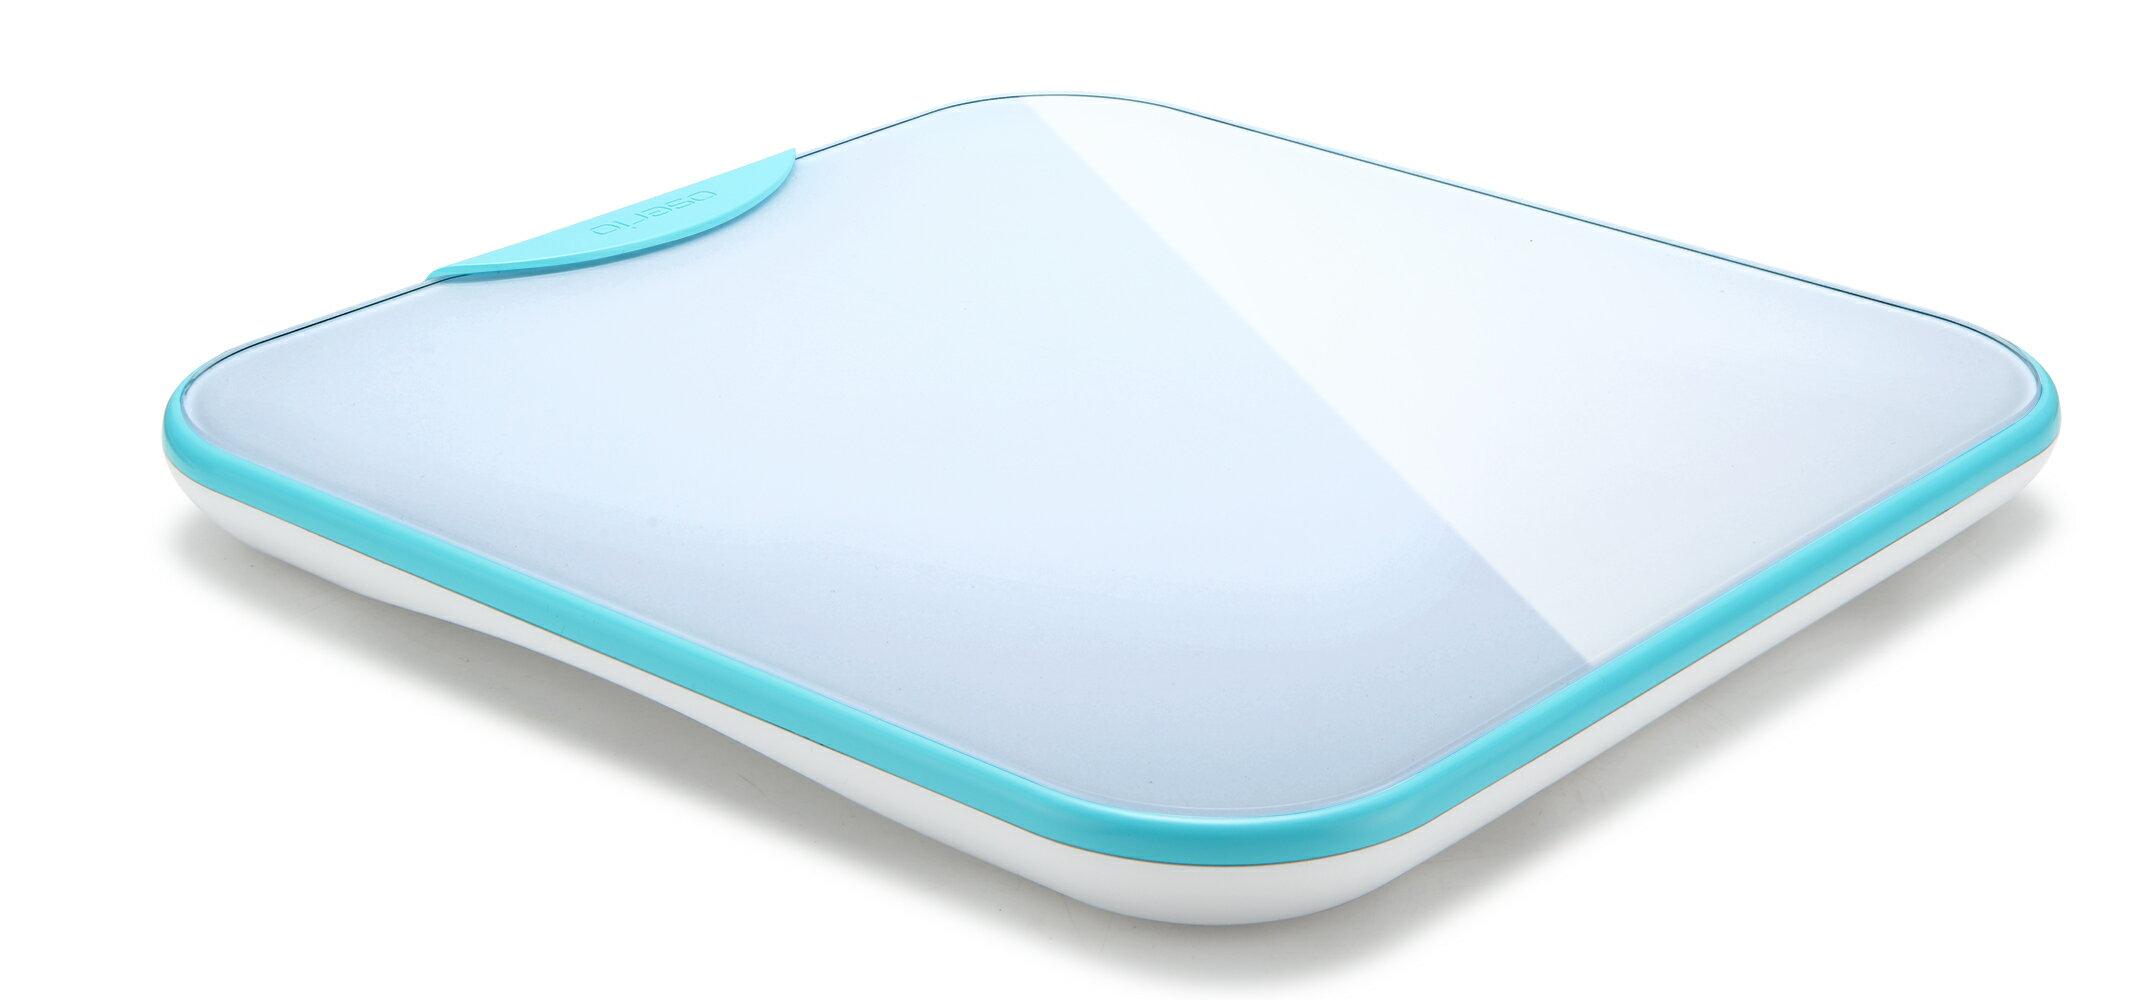 體重計 藍牙傳輸體重計 無線智慧體重計 台灣品牌【oserio歐瑟若】BTG-365G極光綠 2